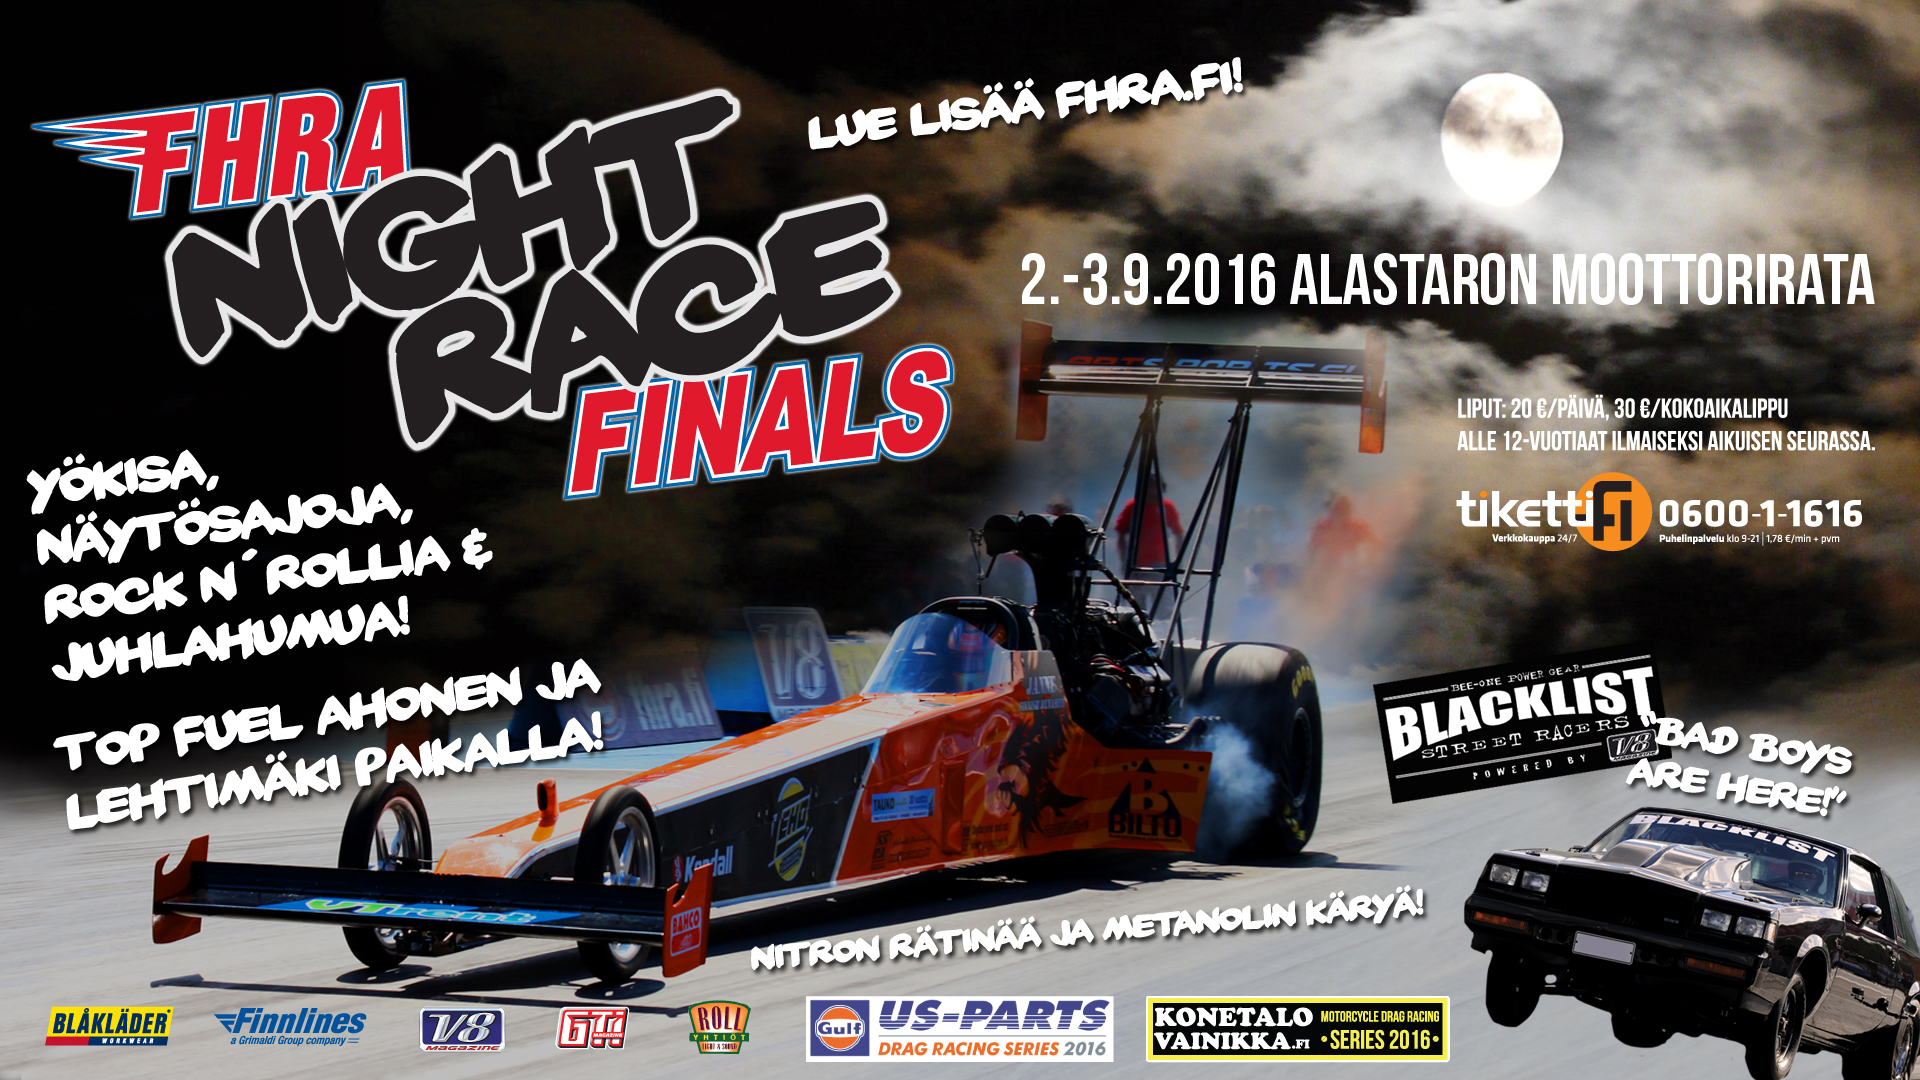 FHRAnightracefinals2016_1920x1080